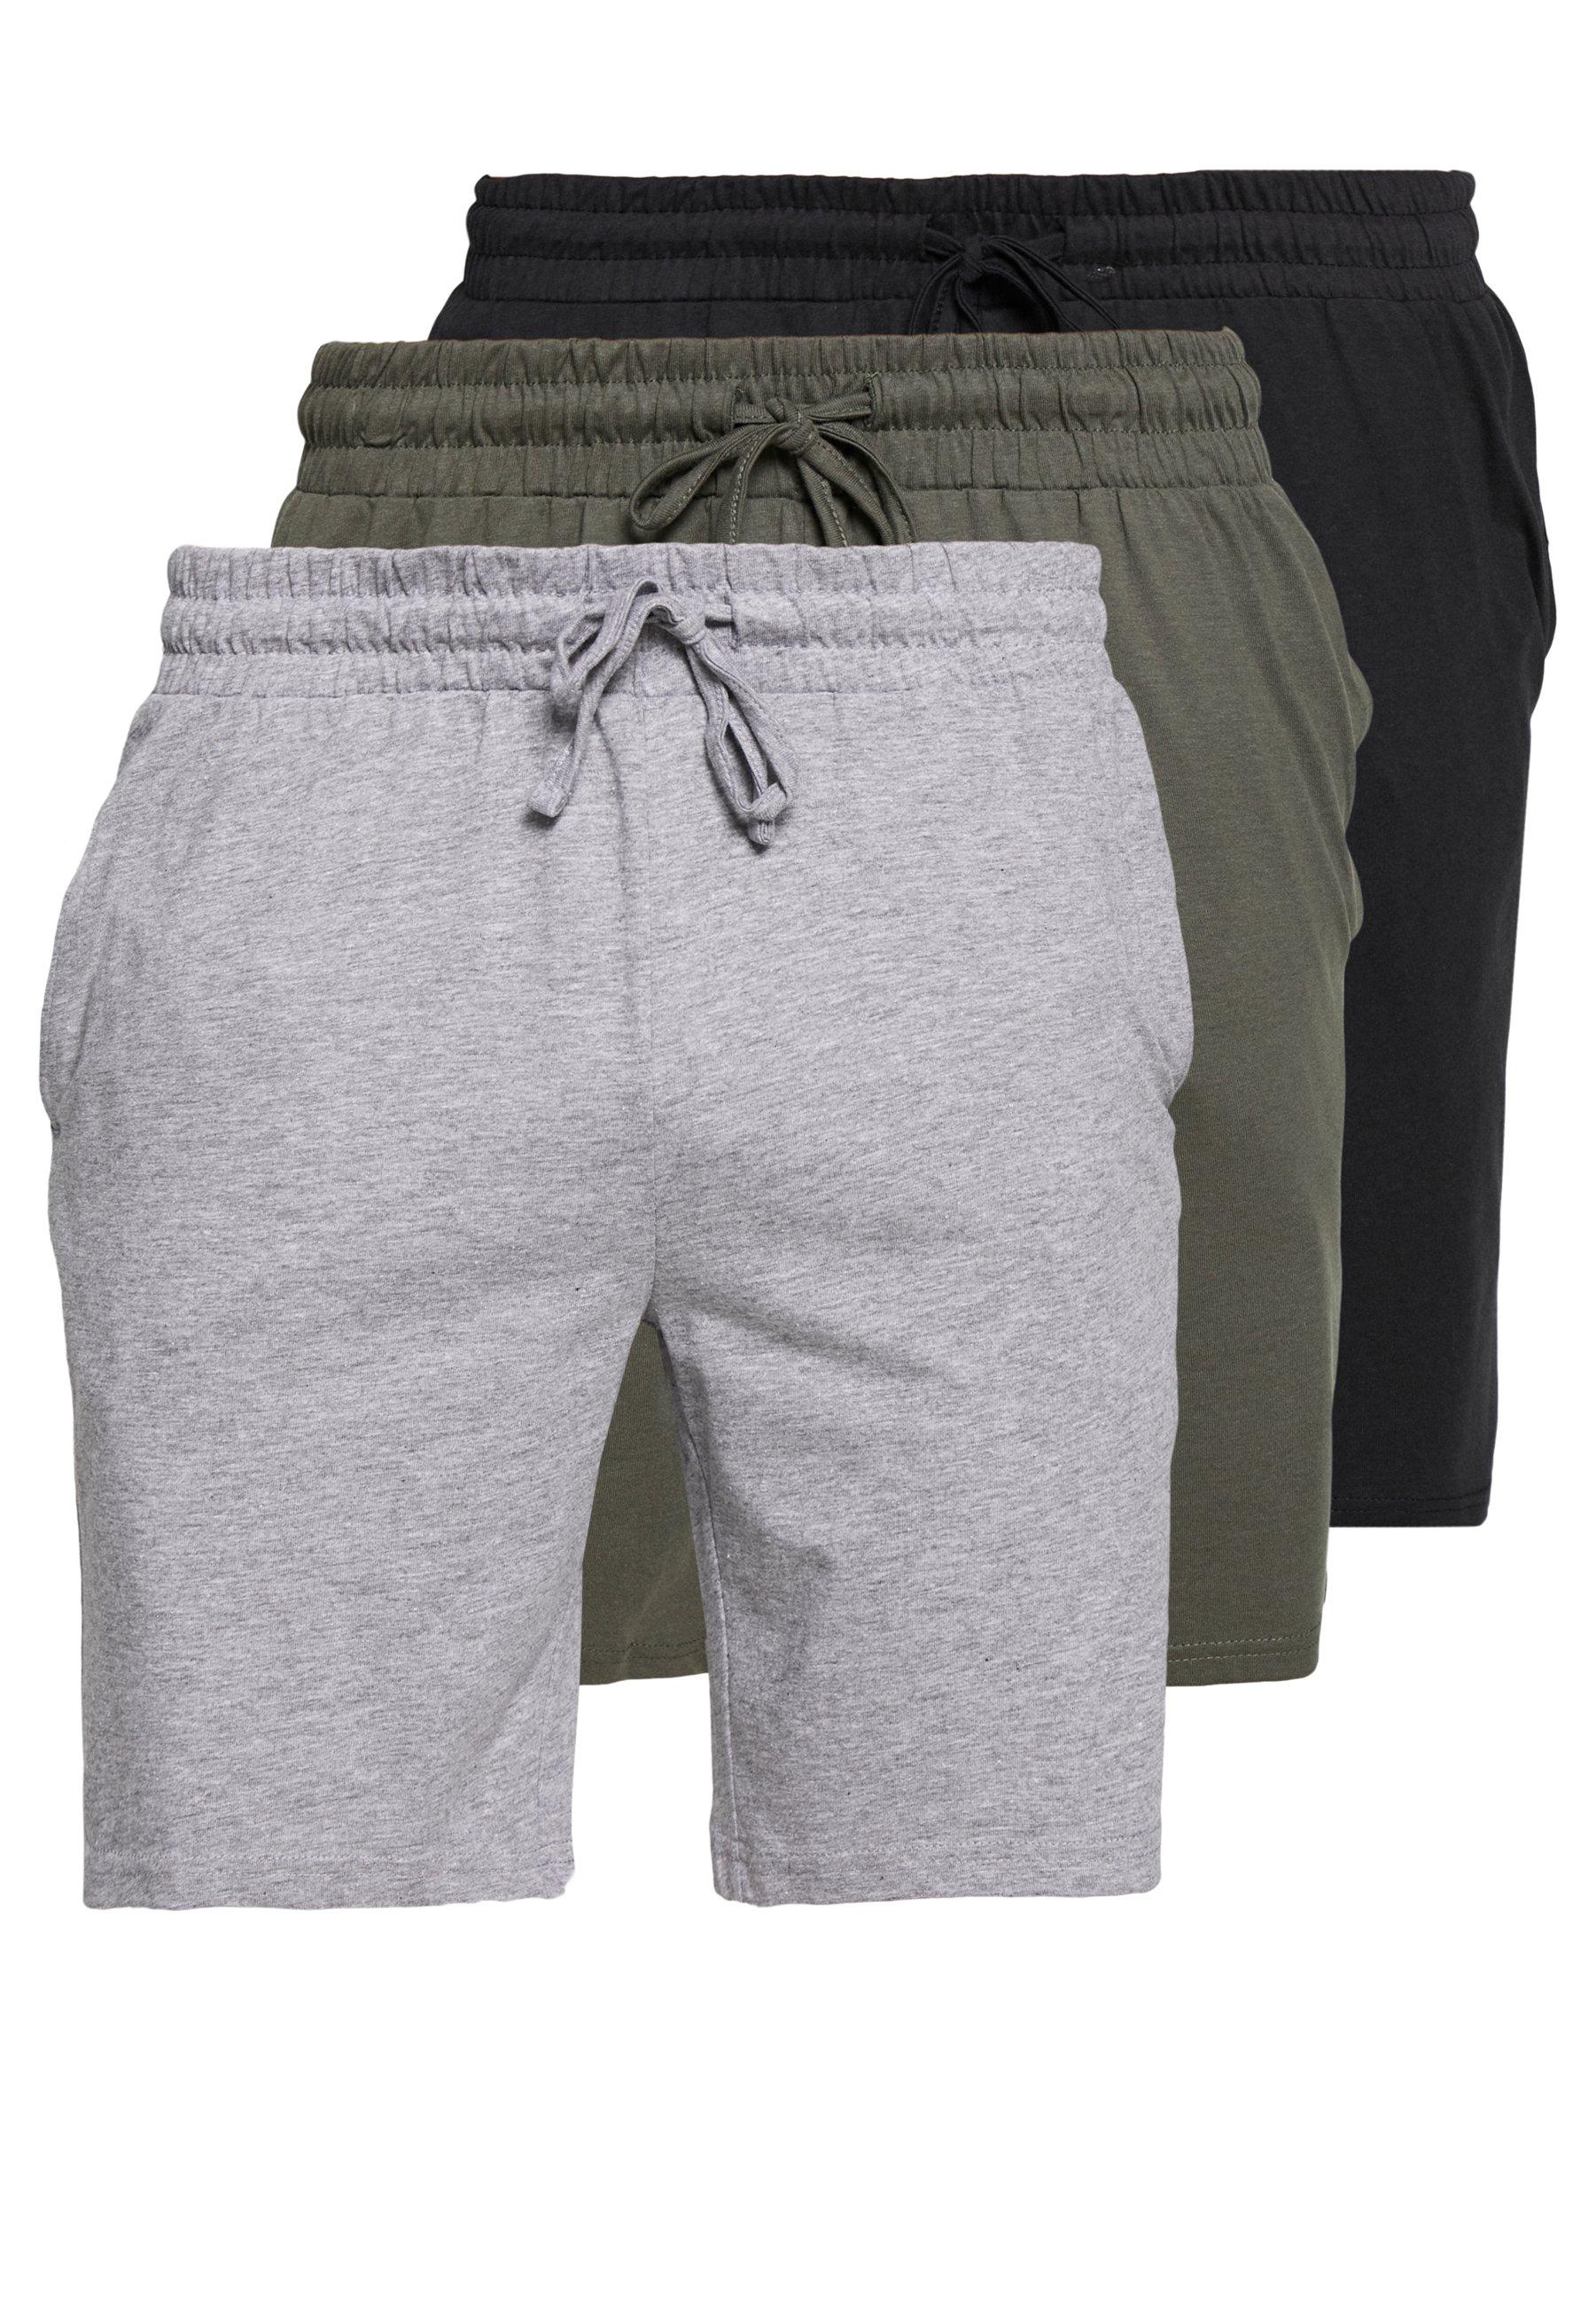 Herren 3 PACK - Nachtwäsche Hose